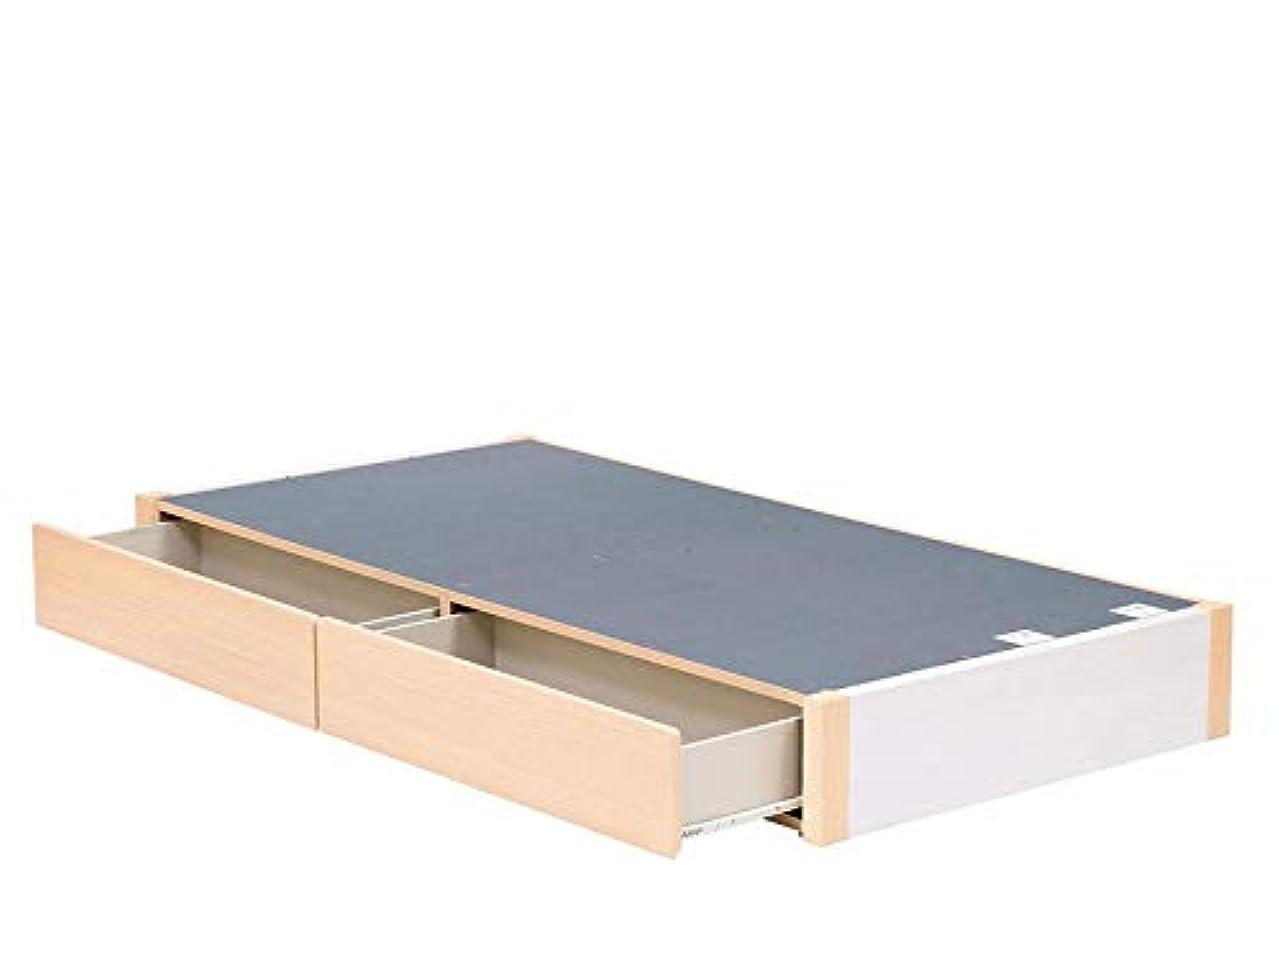 休戦保存質量SENSO01 ヘッドレス 引出し2杯タイプ セミオーダー ベッド シングル ホワイトウォールナット×ナチュラル×ナチュラル